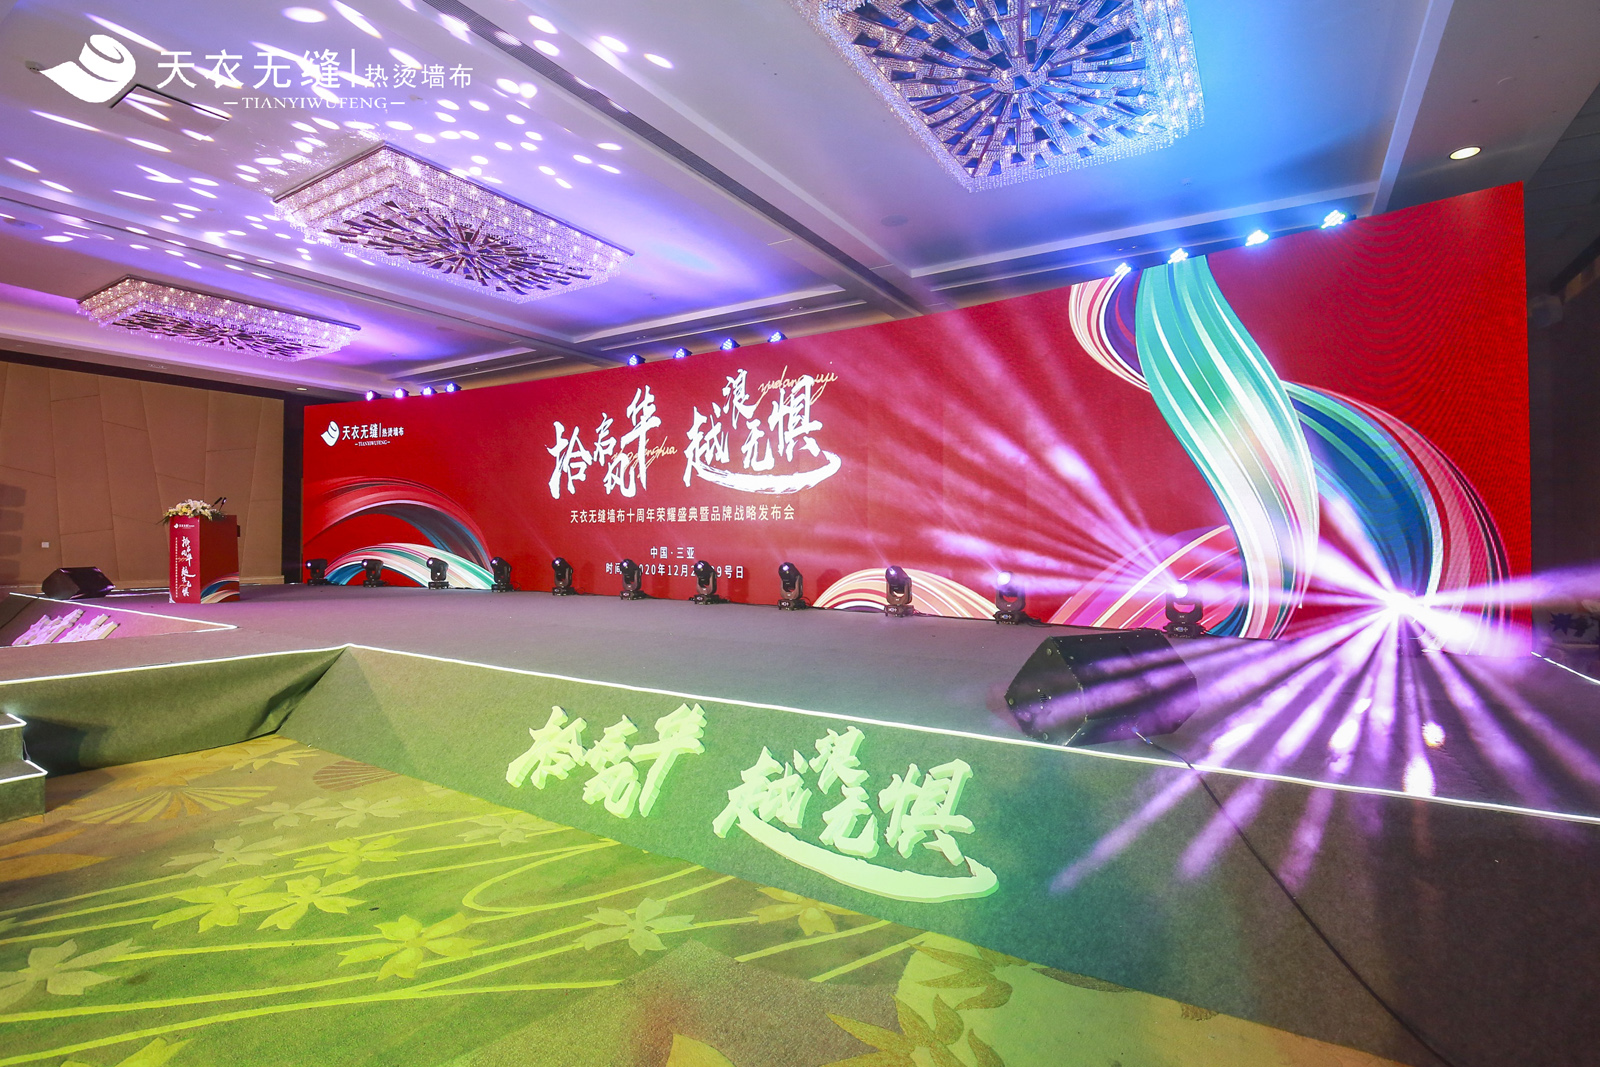 天衣无缝墙布十周年荣耀盛典暨品牌战略发布会 经销商年会-23